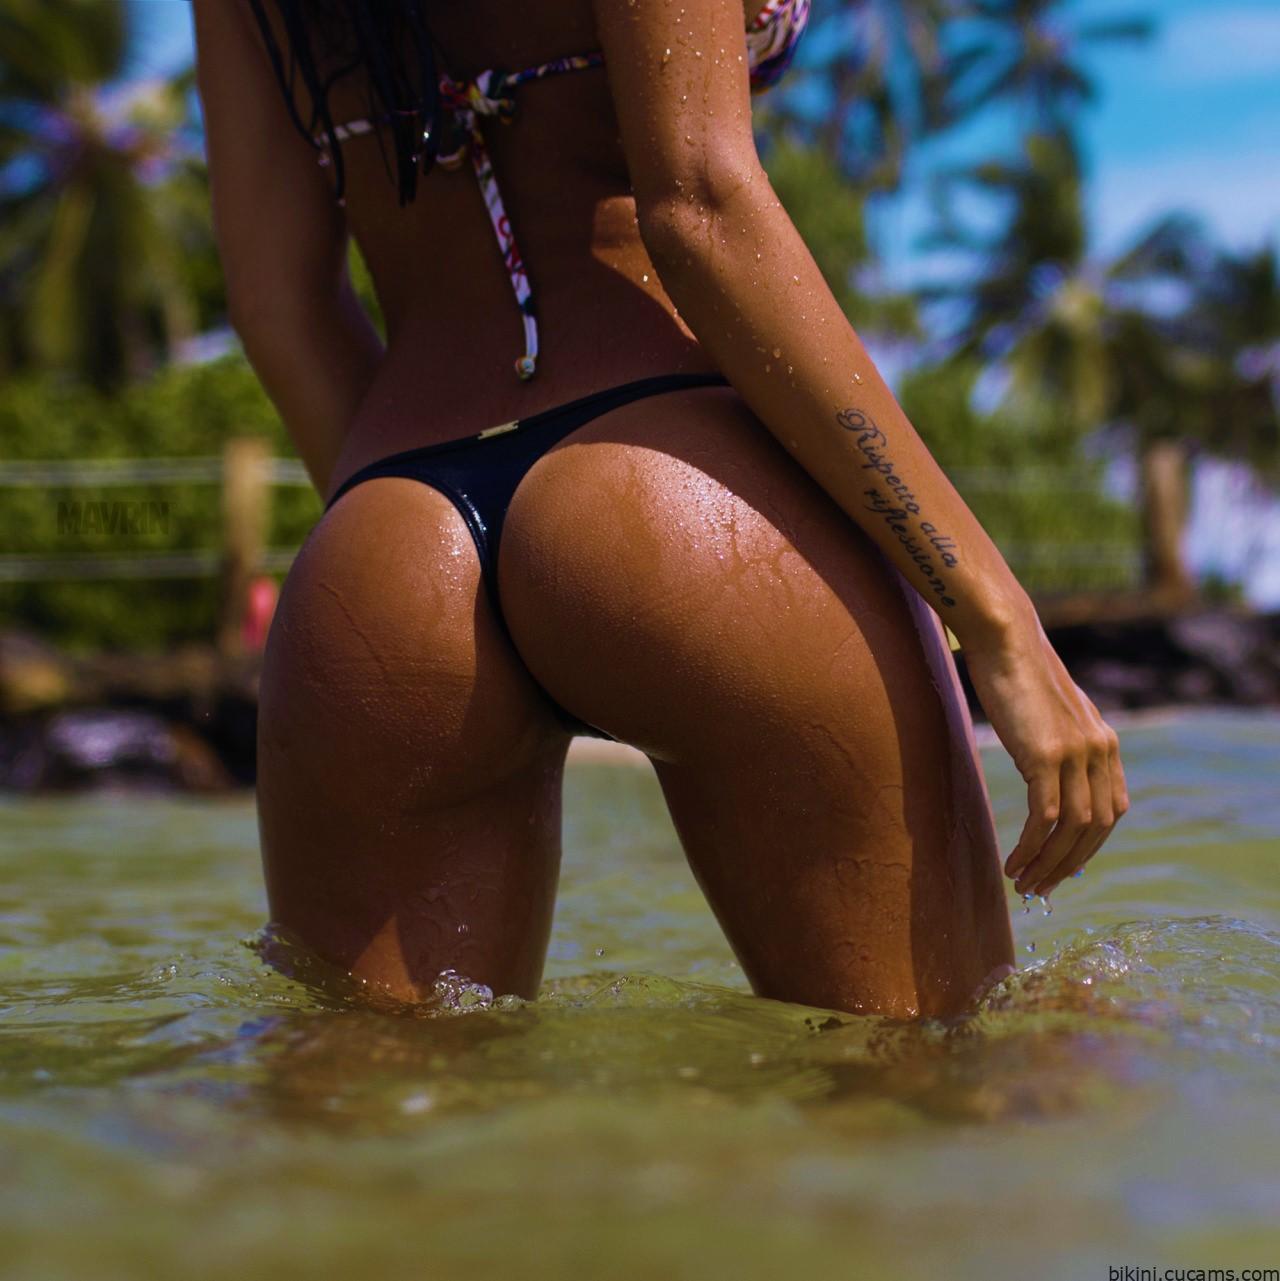 Bikini Oiled Head by bikini.cucams.com